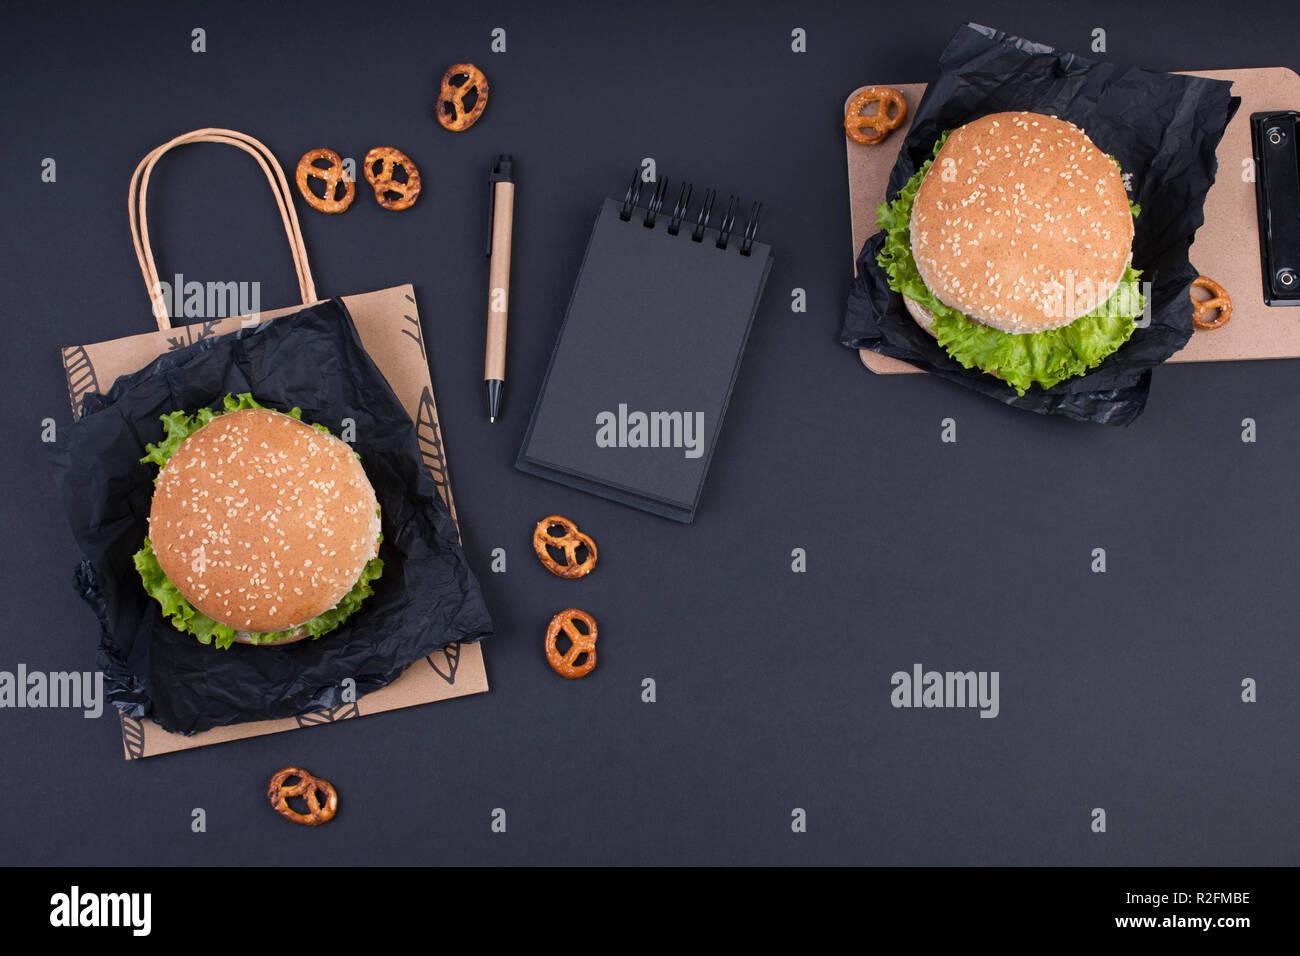 Empire state burger le bureau villefranche sur saone by melle echo